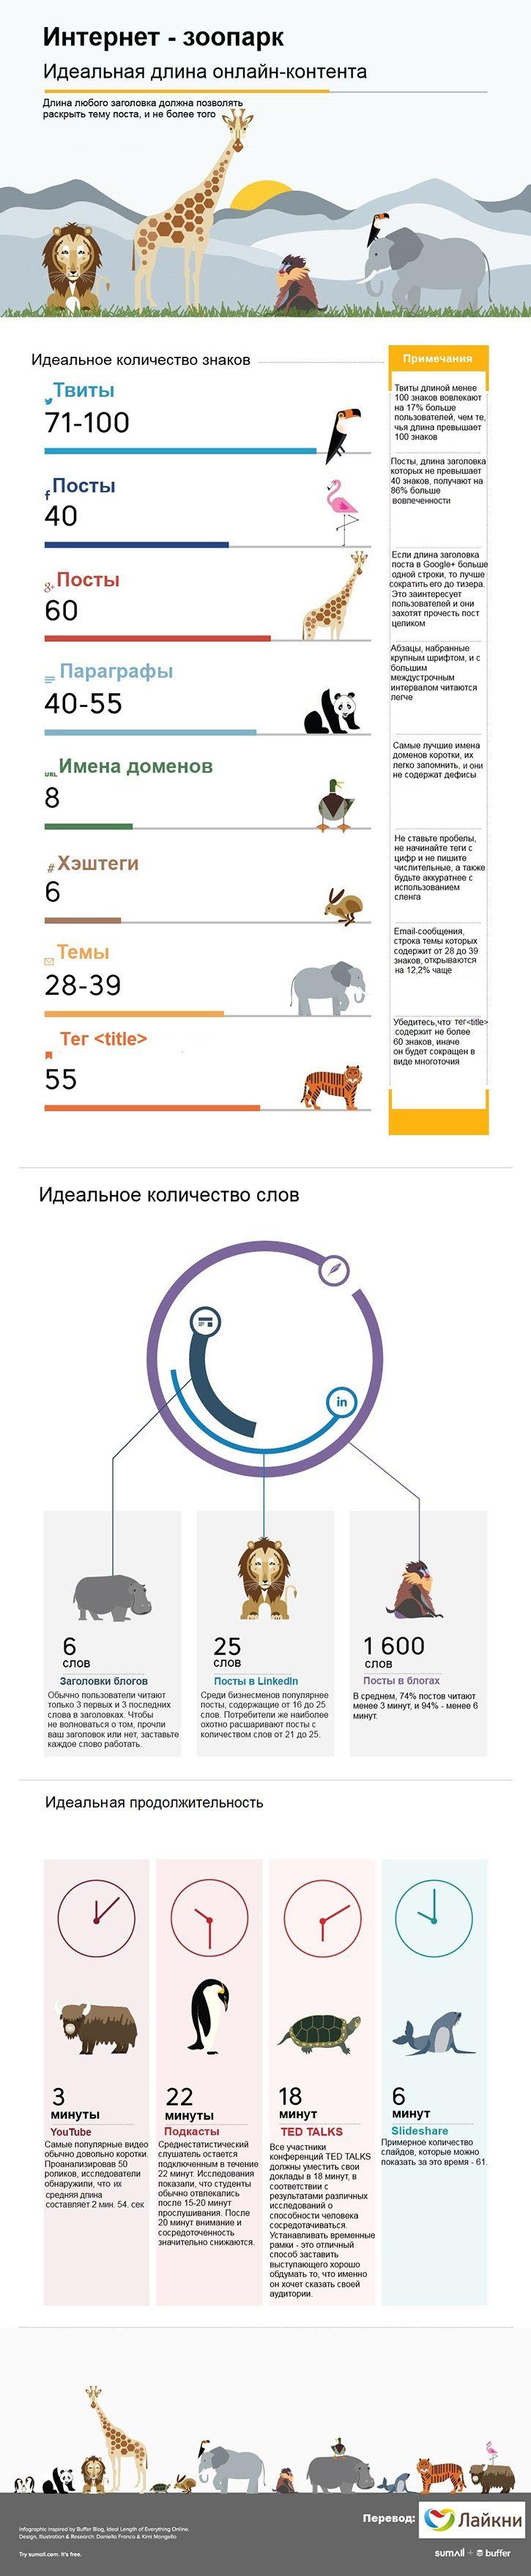 Размер имеет значение: какими должны быть посты в соцсетях и блогах (инфографика)